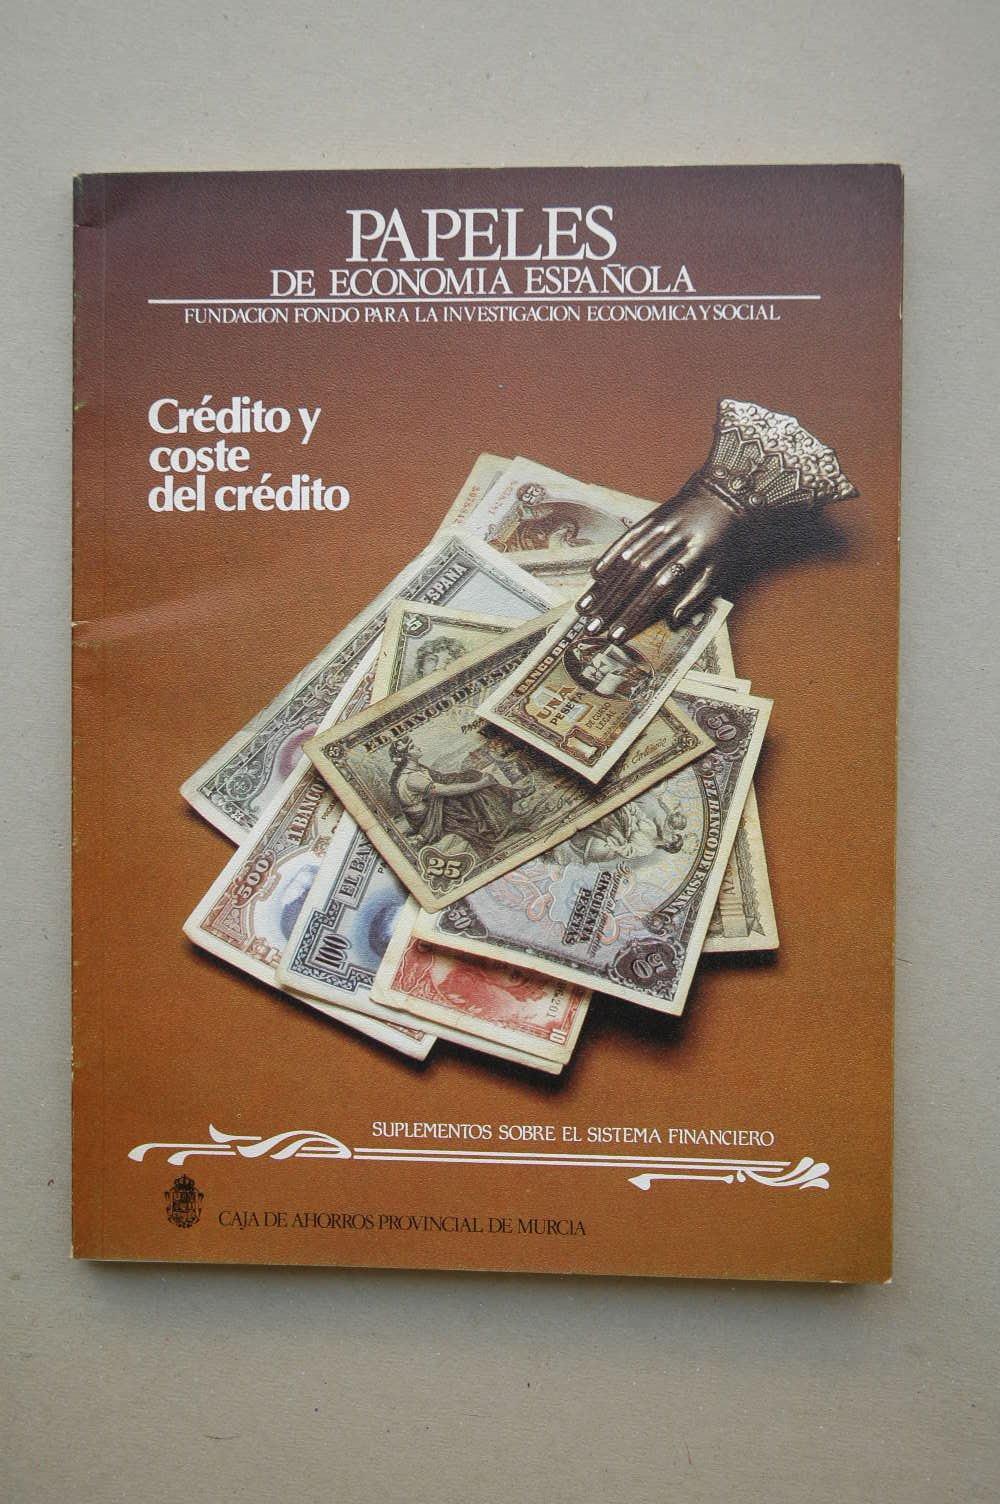 Crédito y coste de crédito / Fundación para la Investigación Económica y Social: Amazon.es: FUNDACIÓN PARA LA INVESTIGACIÓN ECONÓMICA Y SOCIAL: Libros